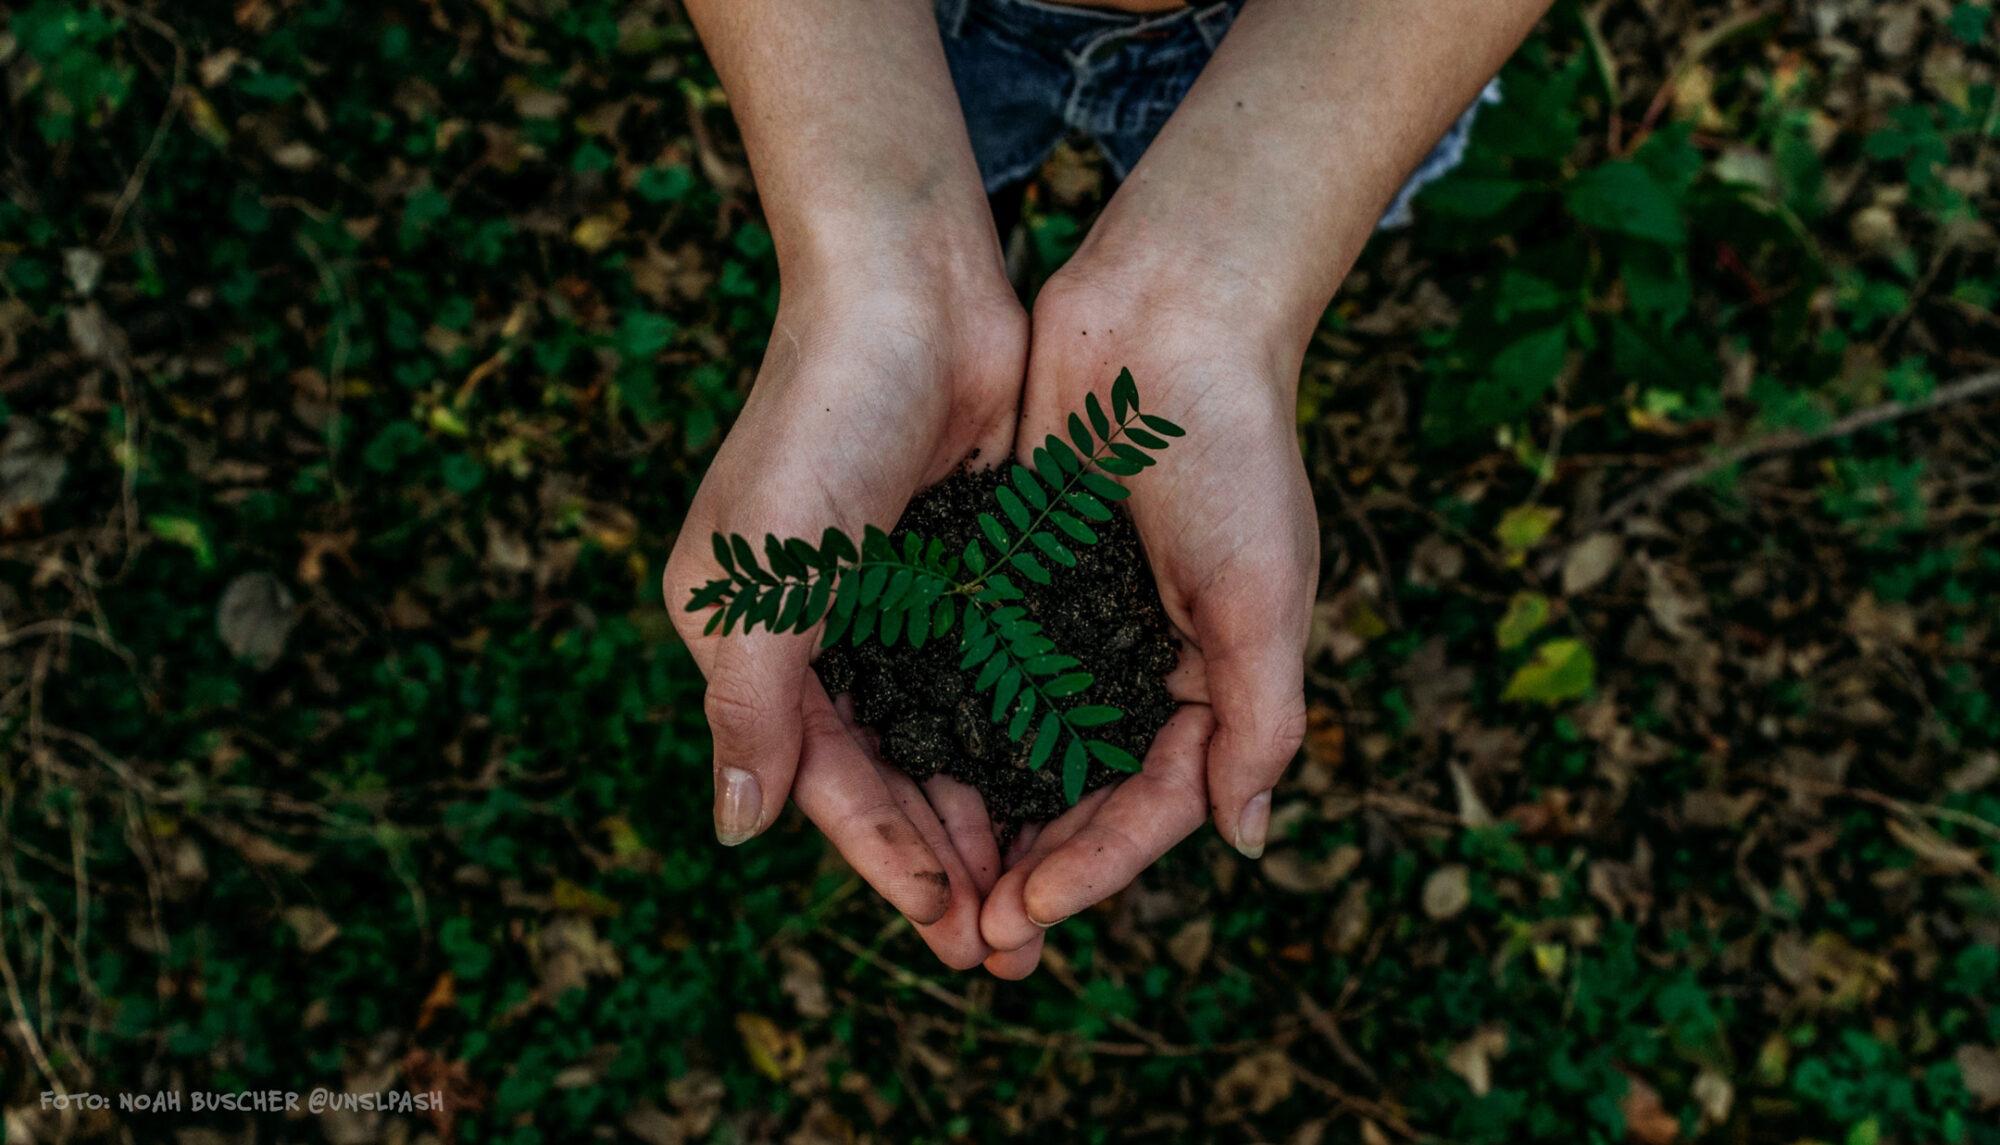 Foto von Händen - über Waldboden - vorsitchtig zeigen sie eine Handvoll Erde, darin ein zarter Setzling eines Baumes